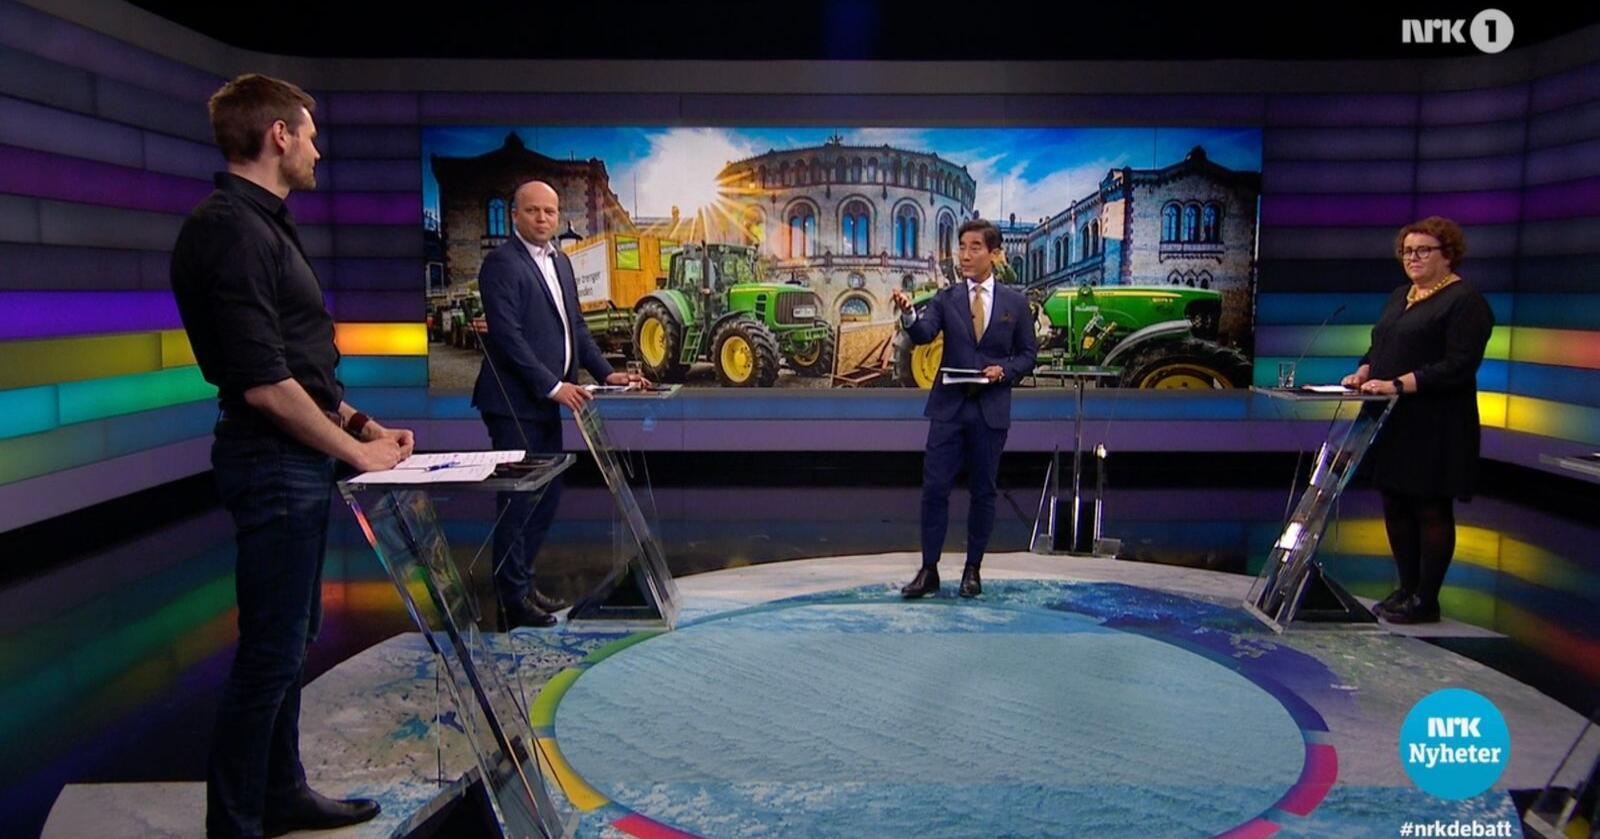 Frå venstre: Landbrukspolitisk talsperson i Ap Nils Kristen Sandtrøen, Sp-leiar Trygve Slagsvold Vedum, programleiar Fredrik Solvang, og landbruks- og matminister Olaug Bollestad. Skjermdump: NRK